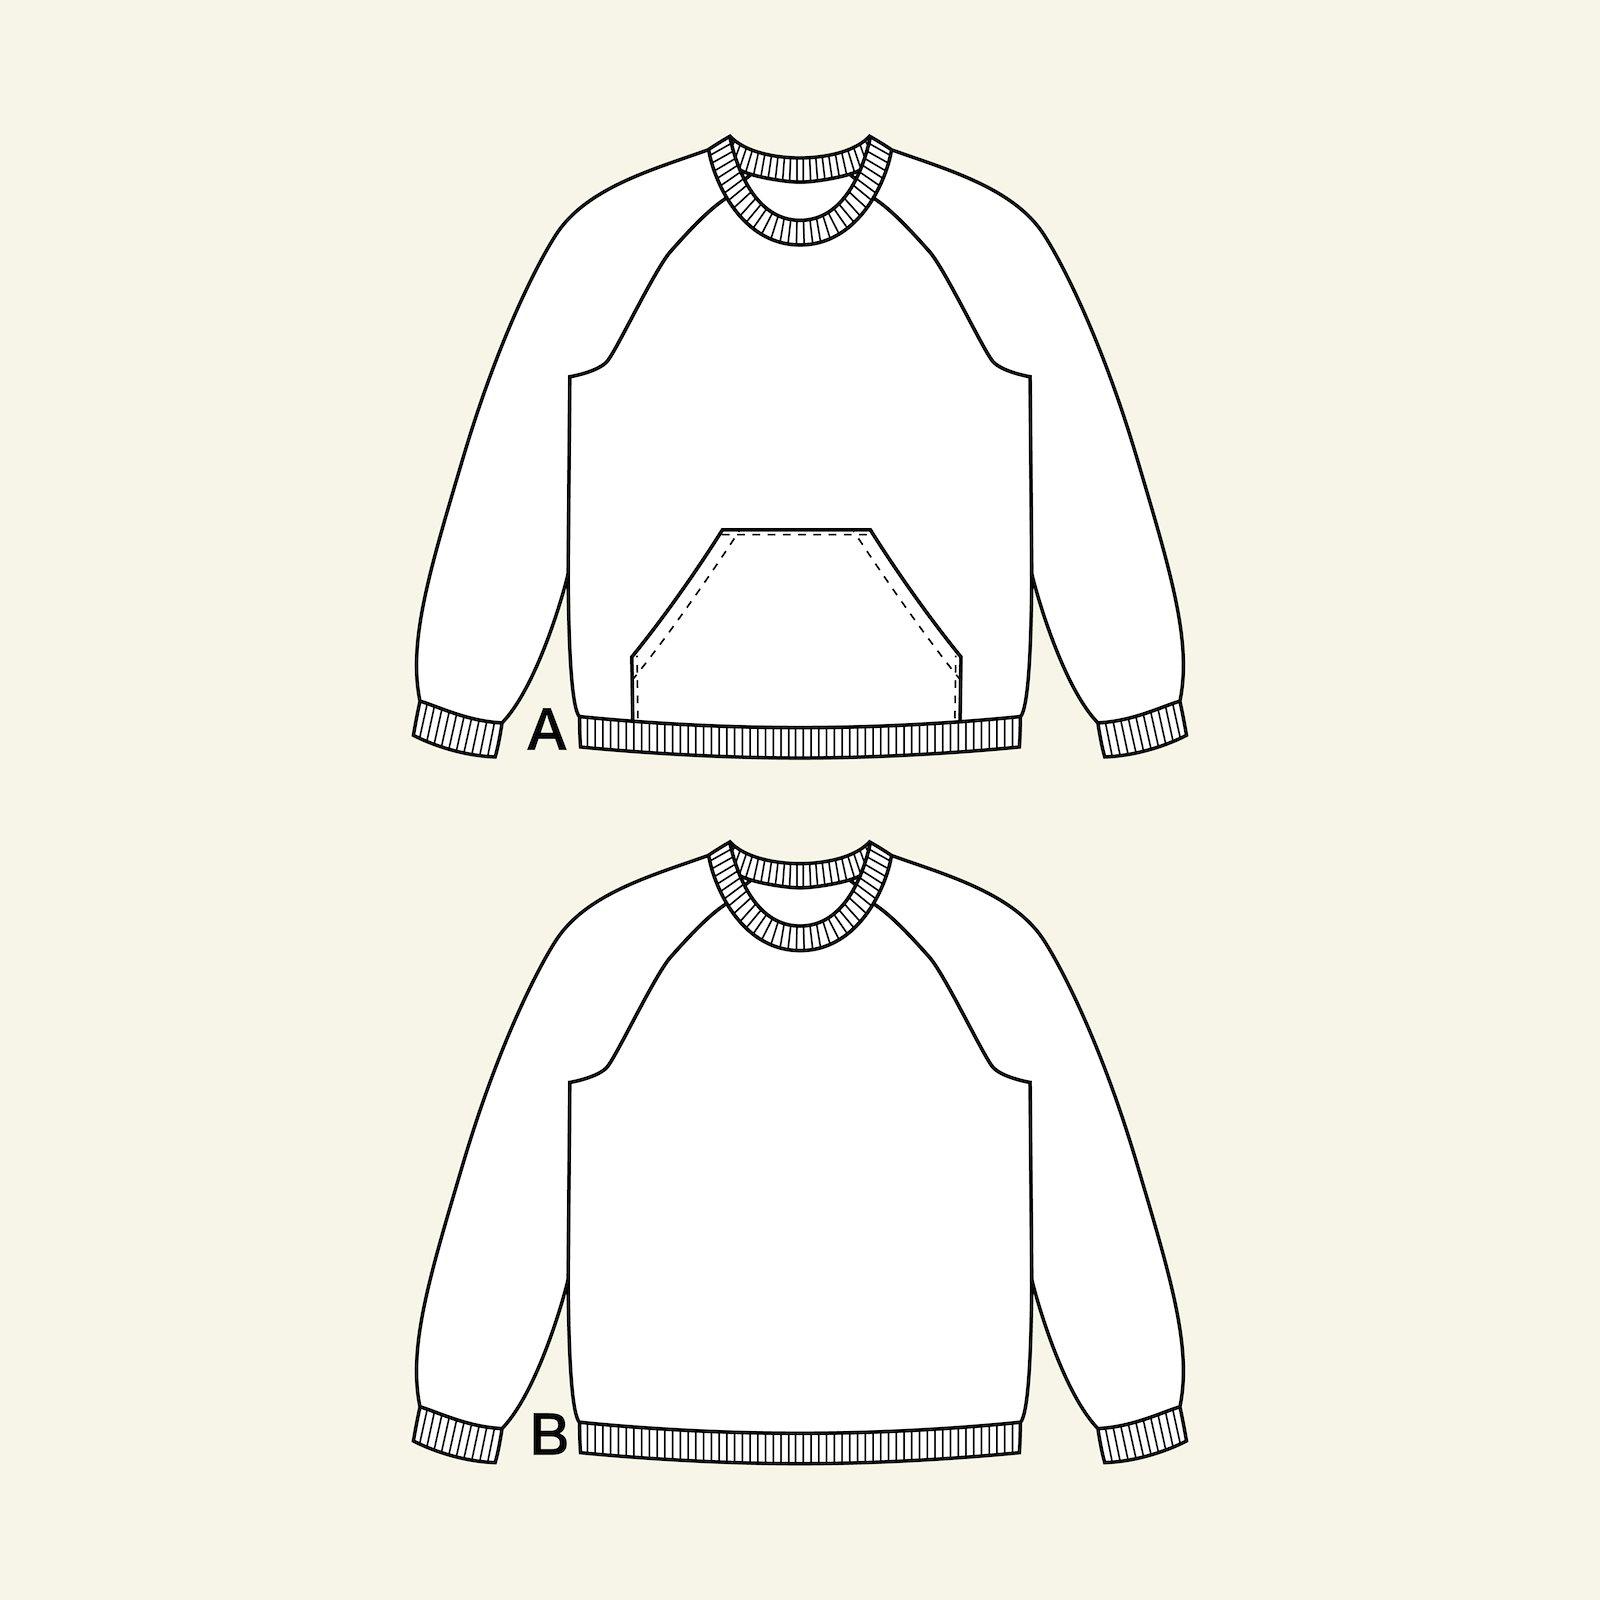 Sweatshirt with raglan sleeves, 134/9y p62015_pack